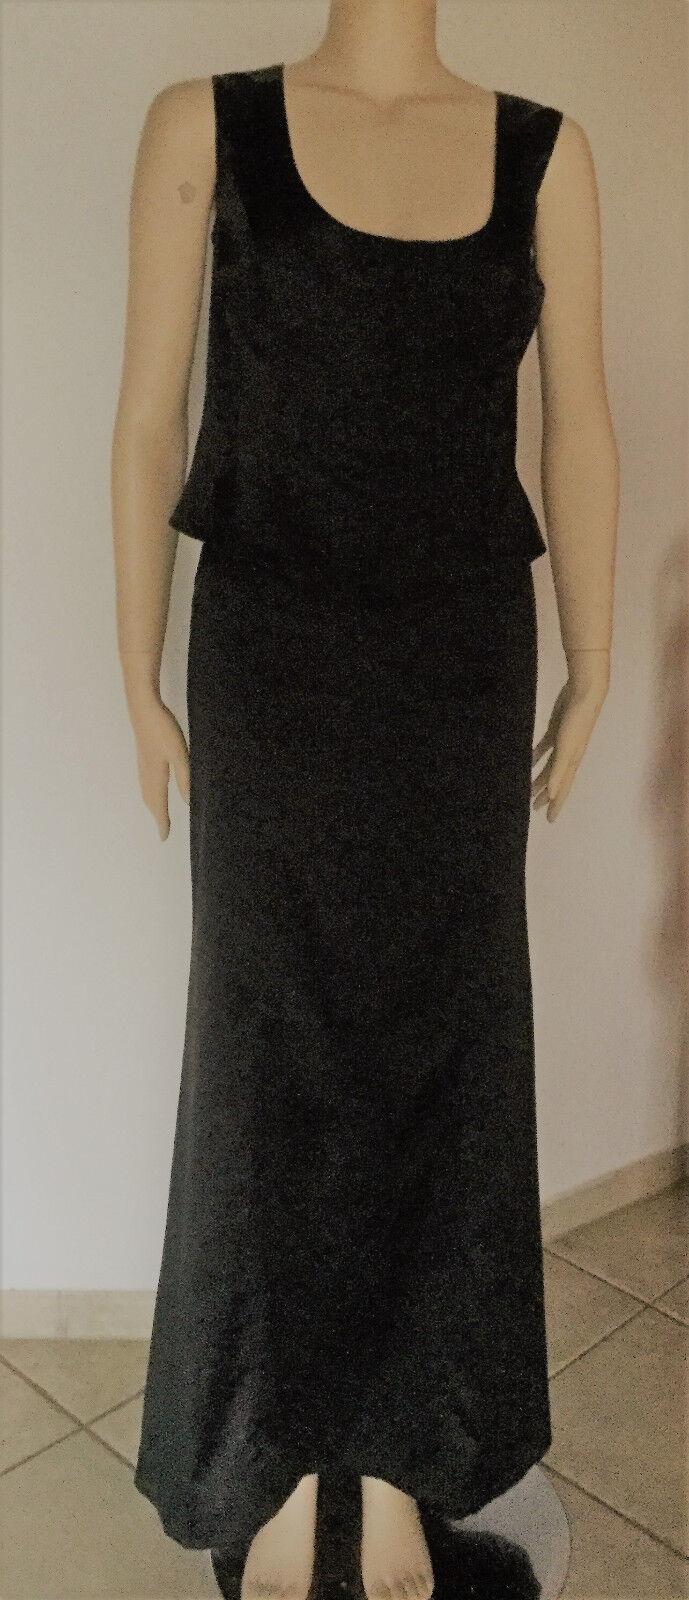 Wunderschönes 2-teiliges Abendkleid in schwarz, Gr. 40 40 40 | Das hochwertigste Material  | Genialität  | Verschiedene Waren  80a67a